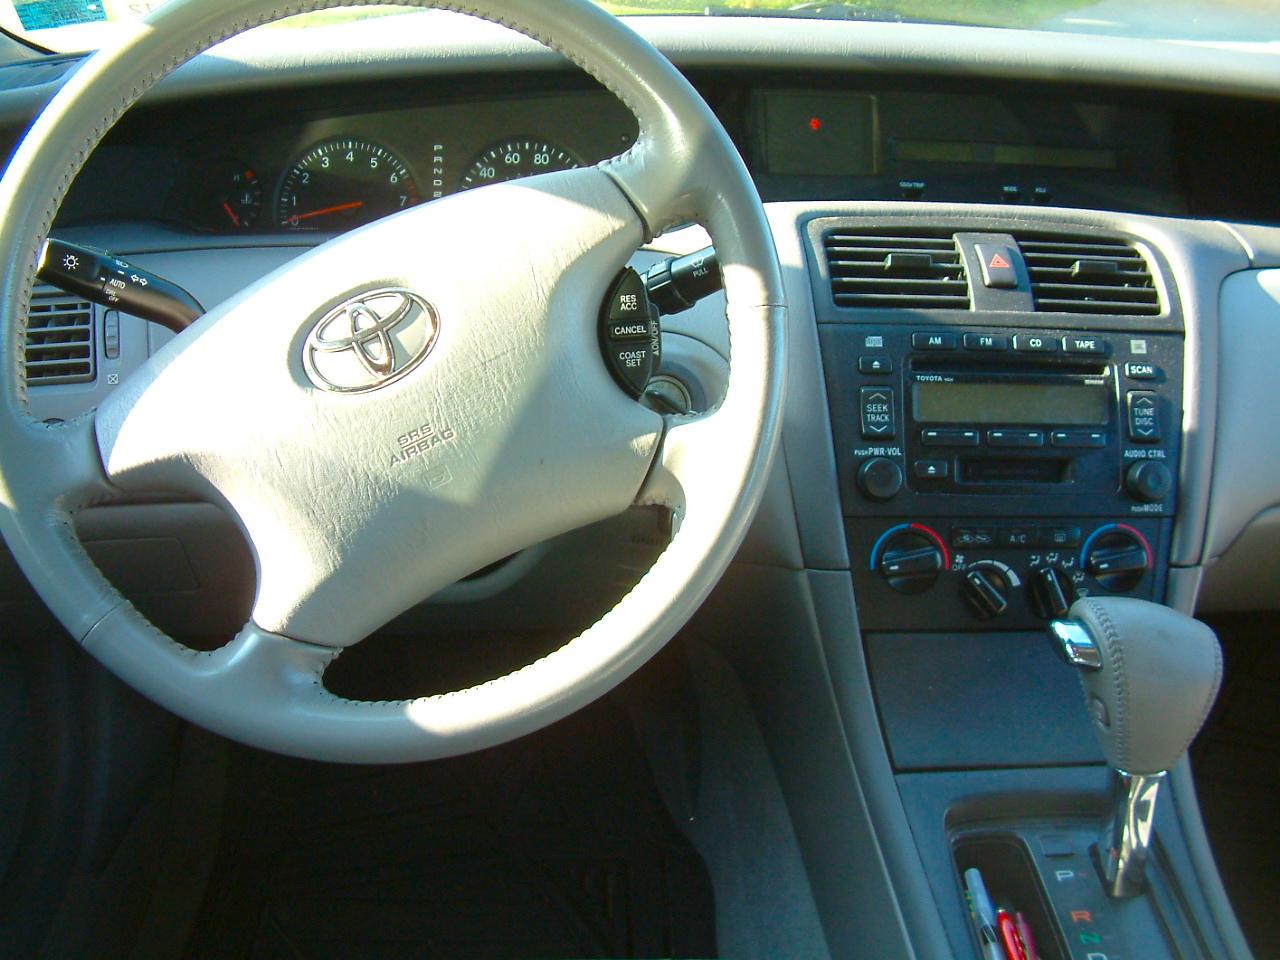 1999 Toyota Avalon Xls Automotive News